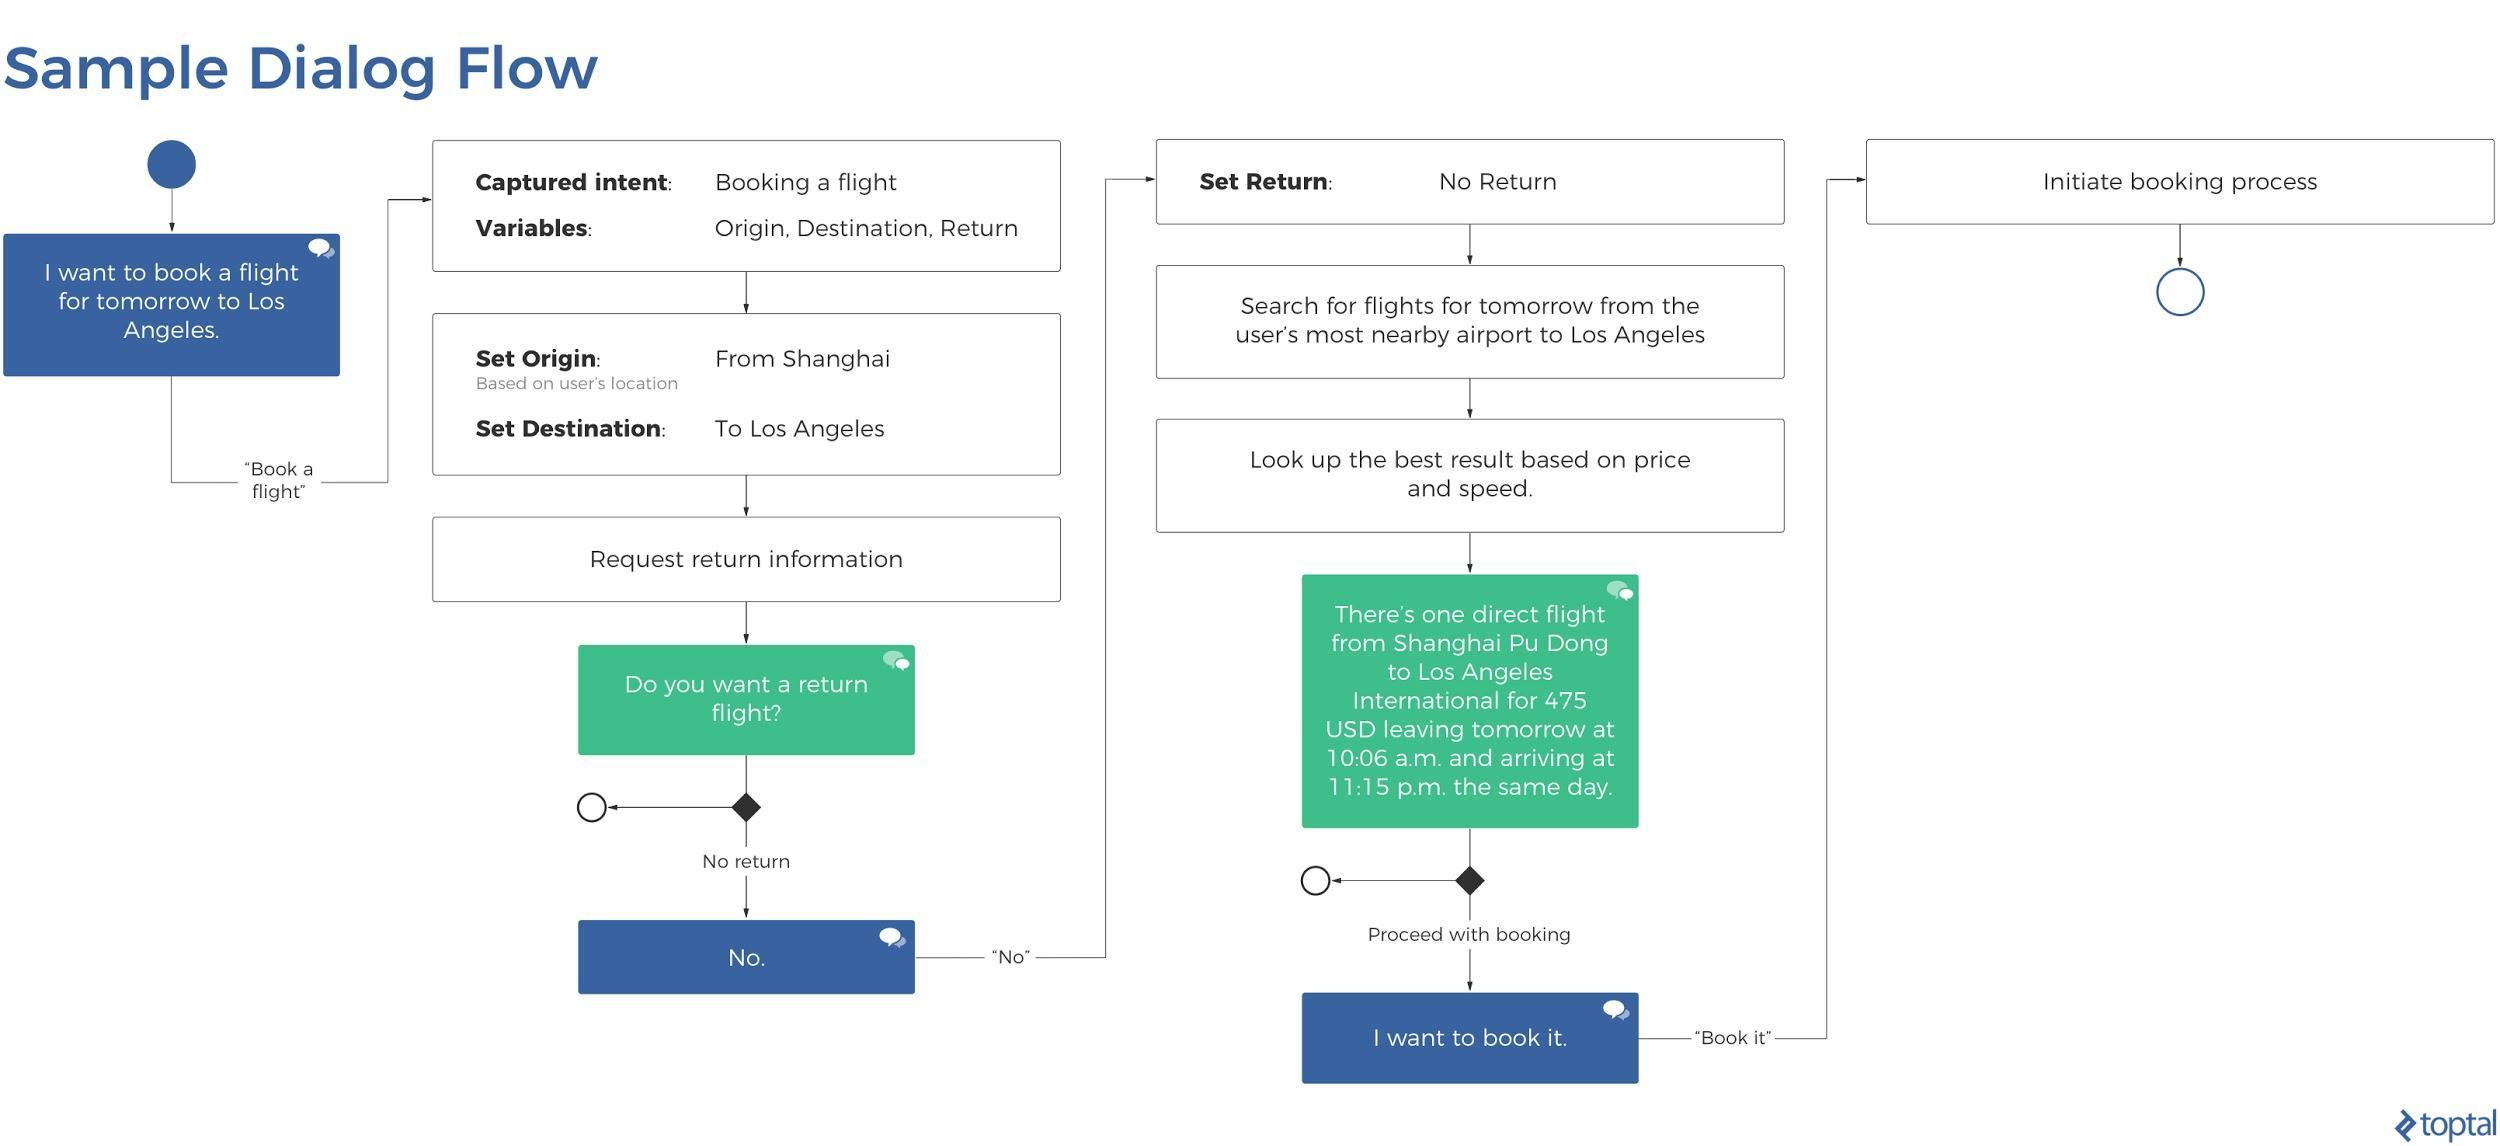 Una ilustración de un flujo de diálogo para el diseño de VUI